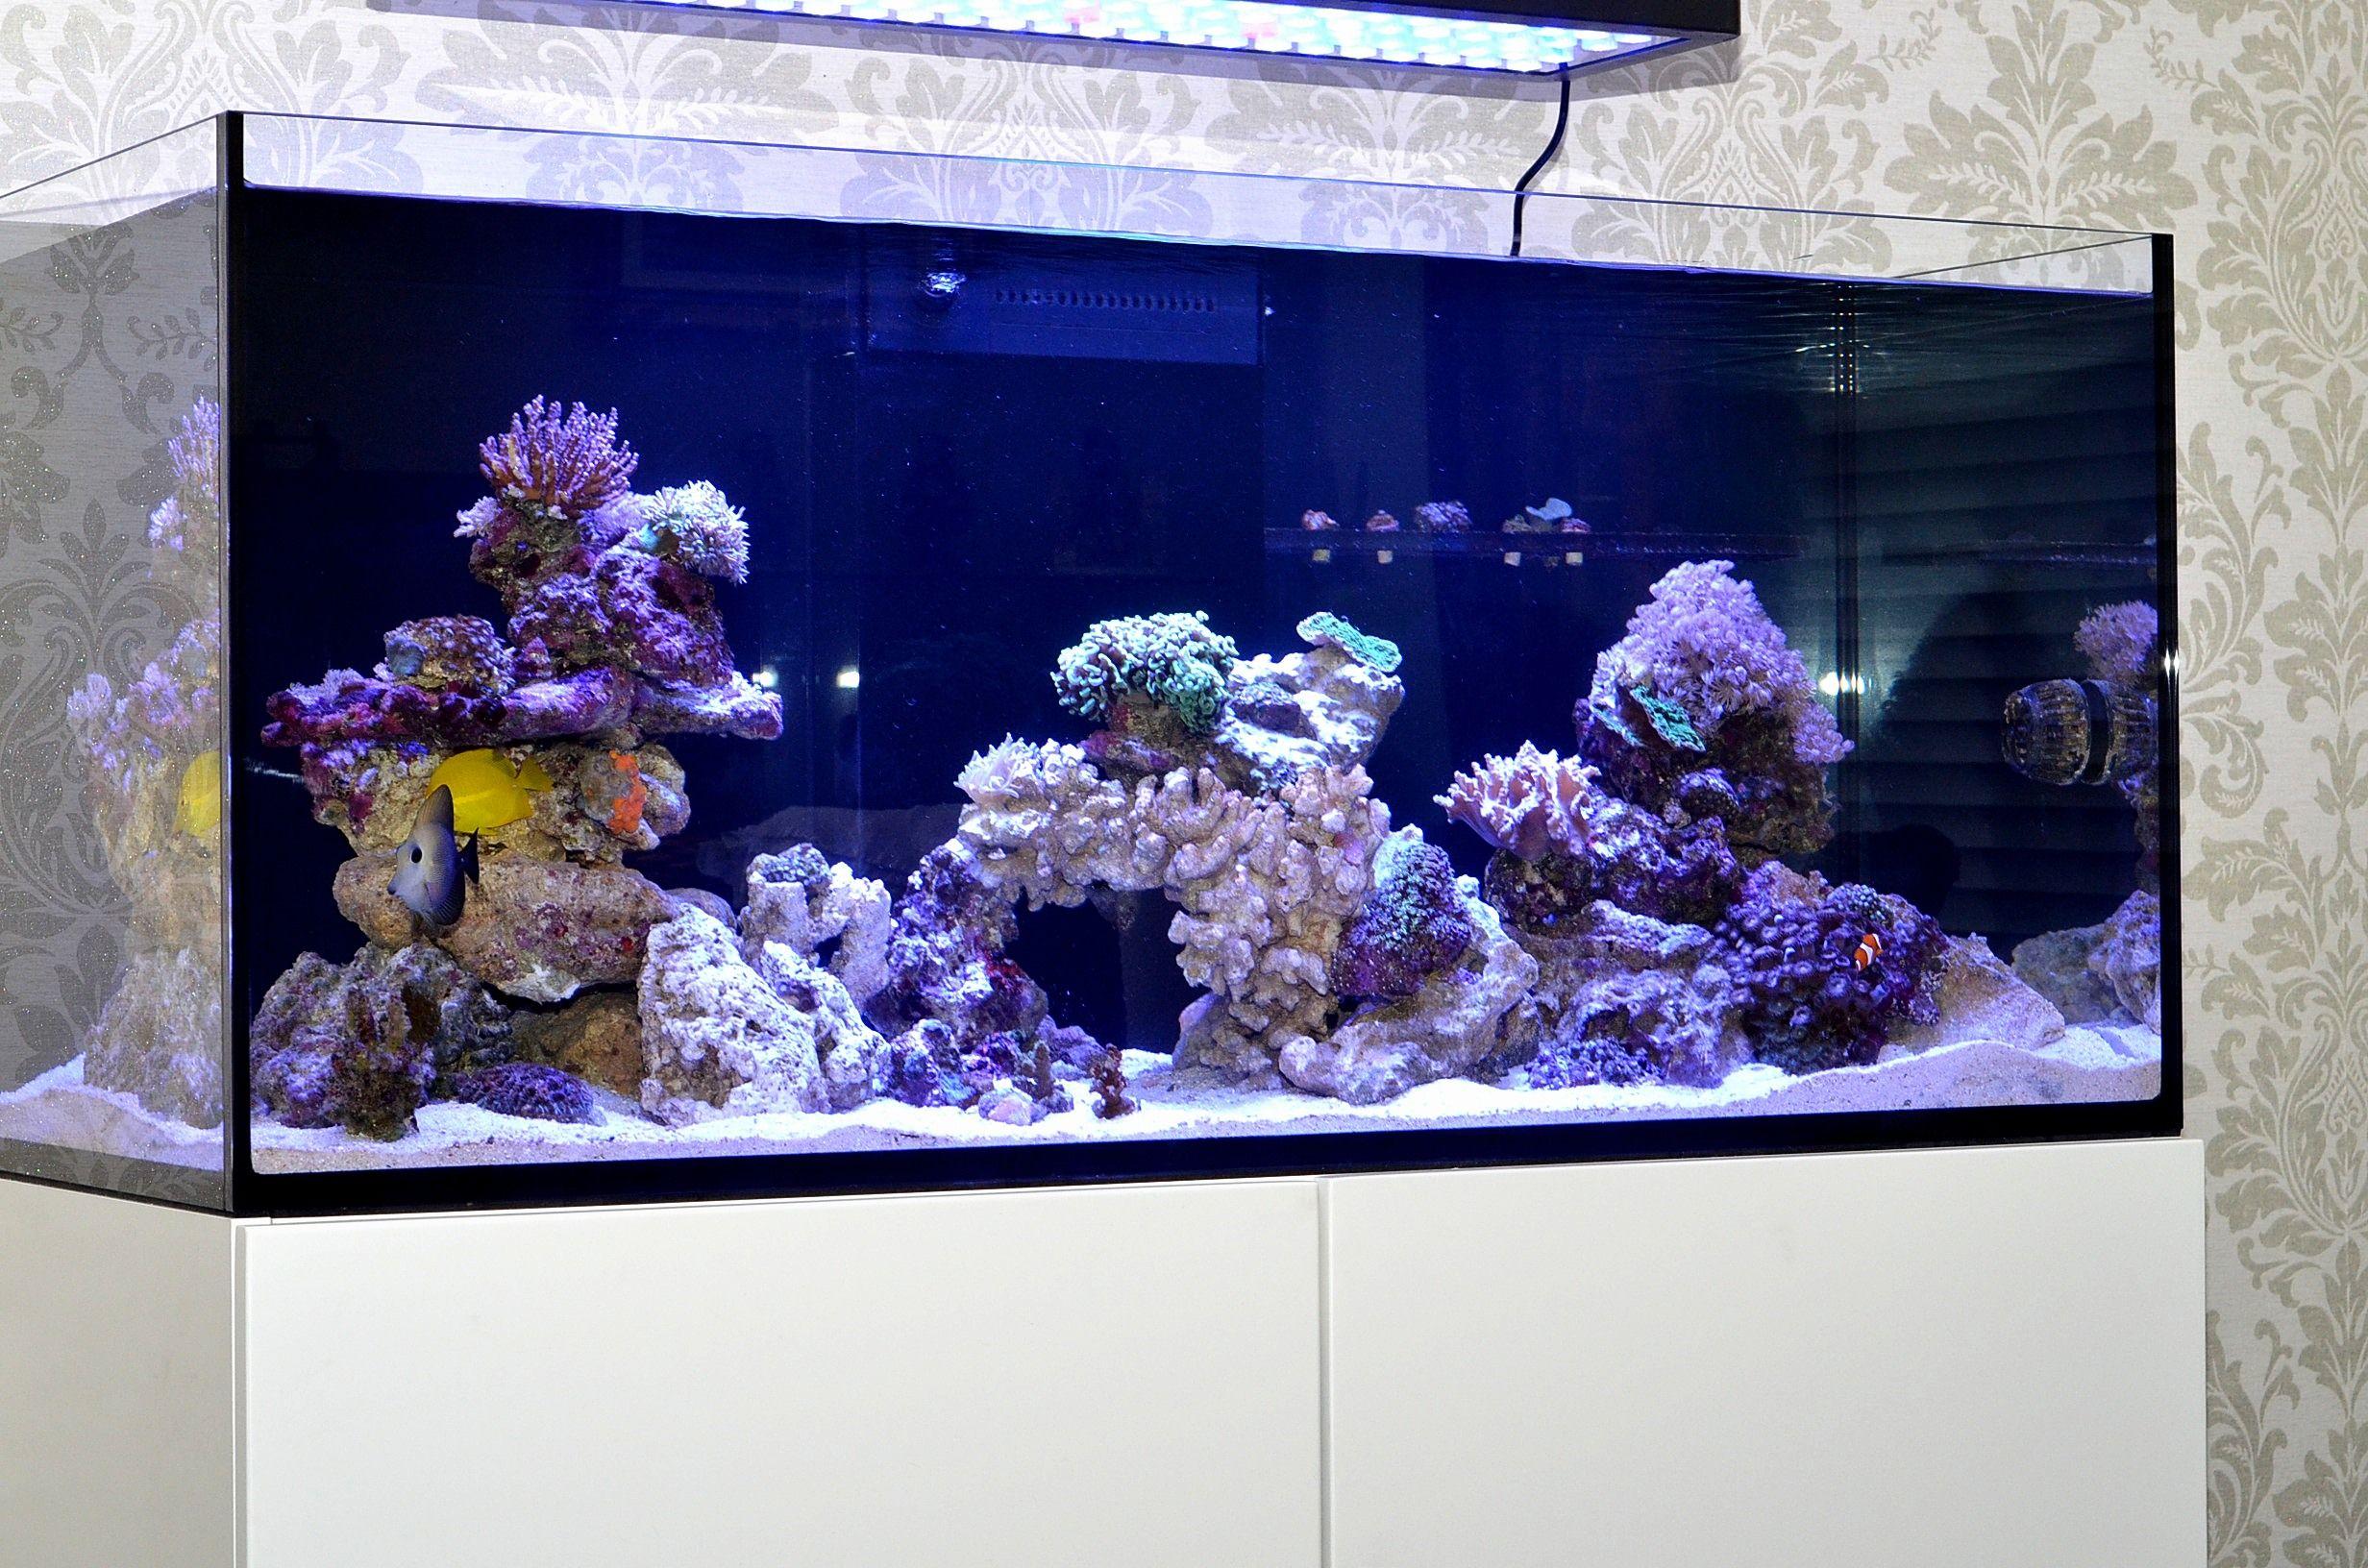 72f7bc19d94d9801fc51fe5a9d4928b1 Frais De Aquarium 450 Litres Des Idées